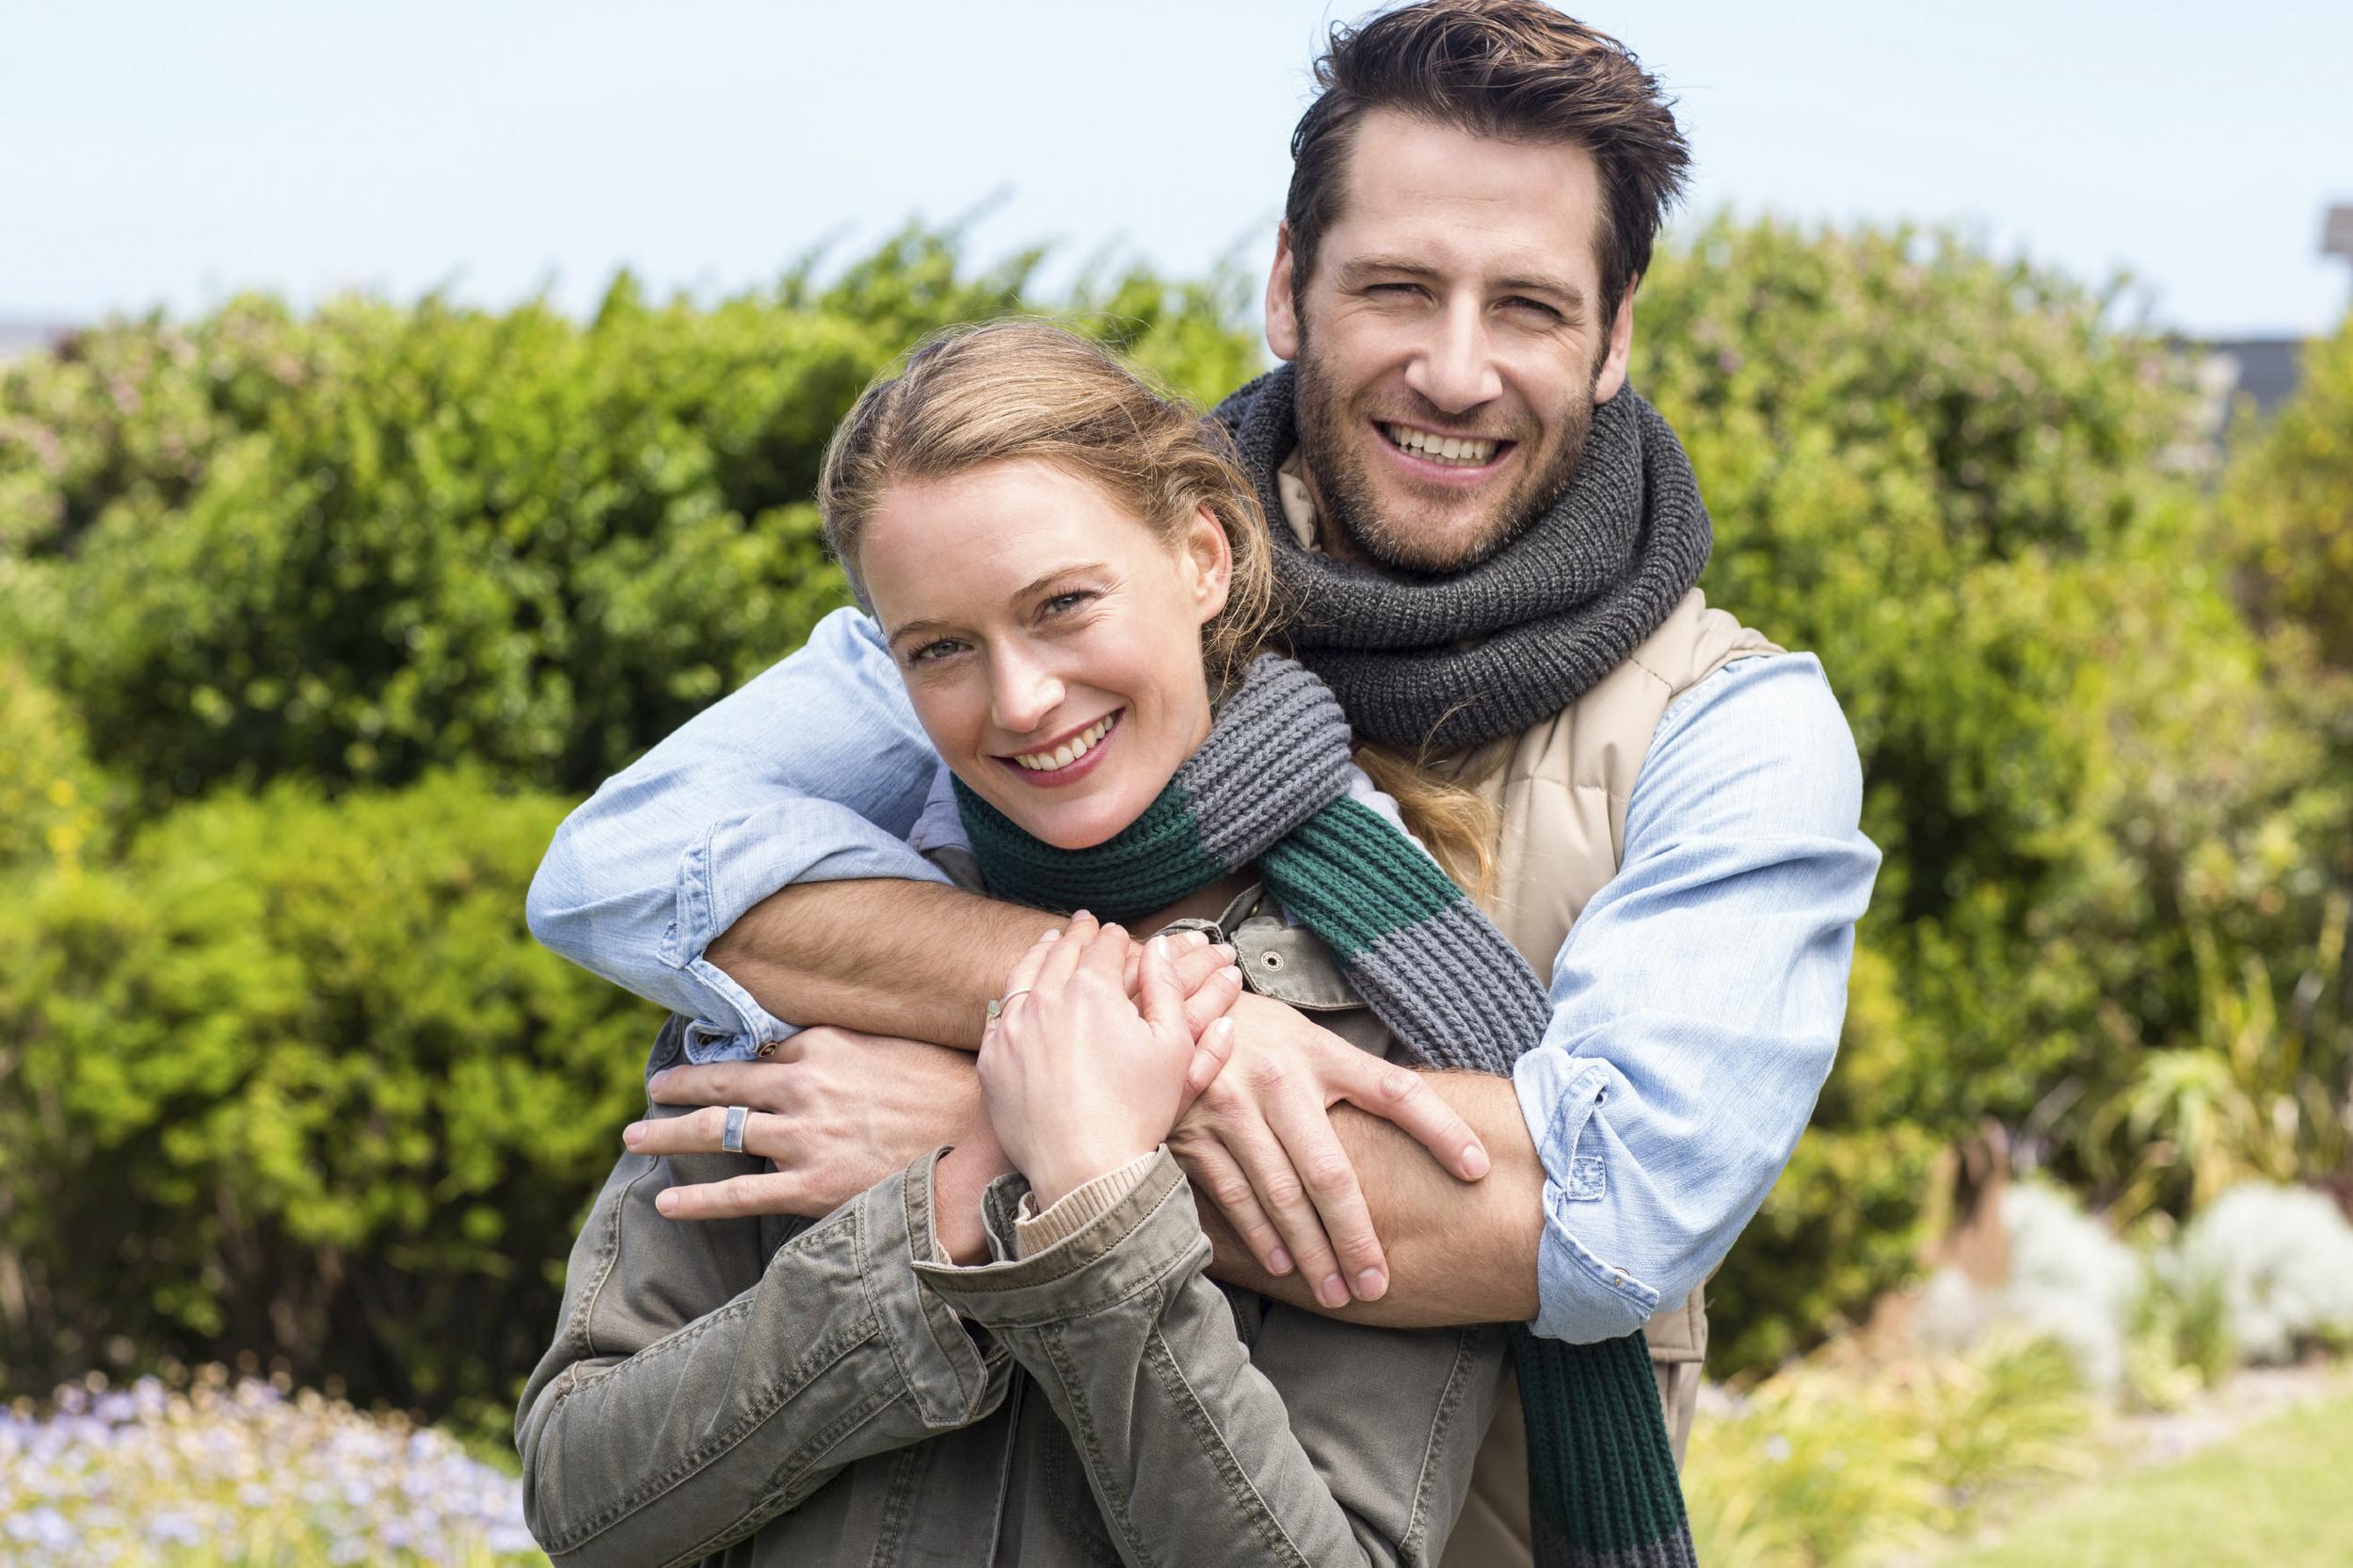 couple-embracing-outside.jpg